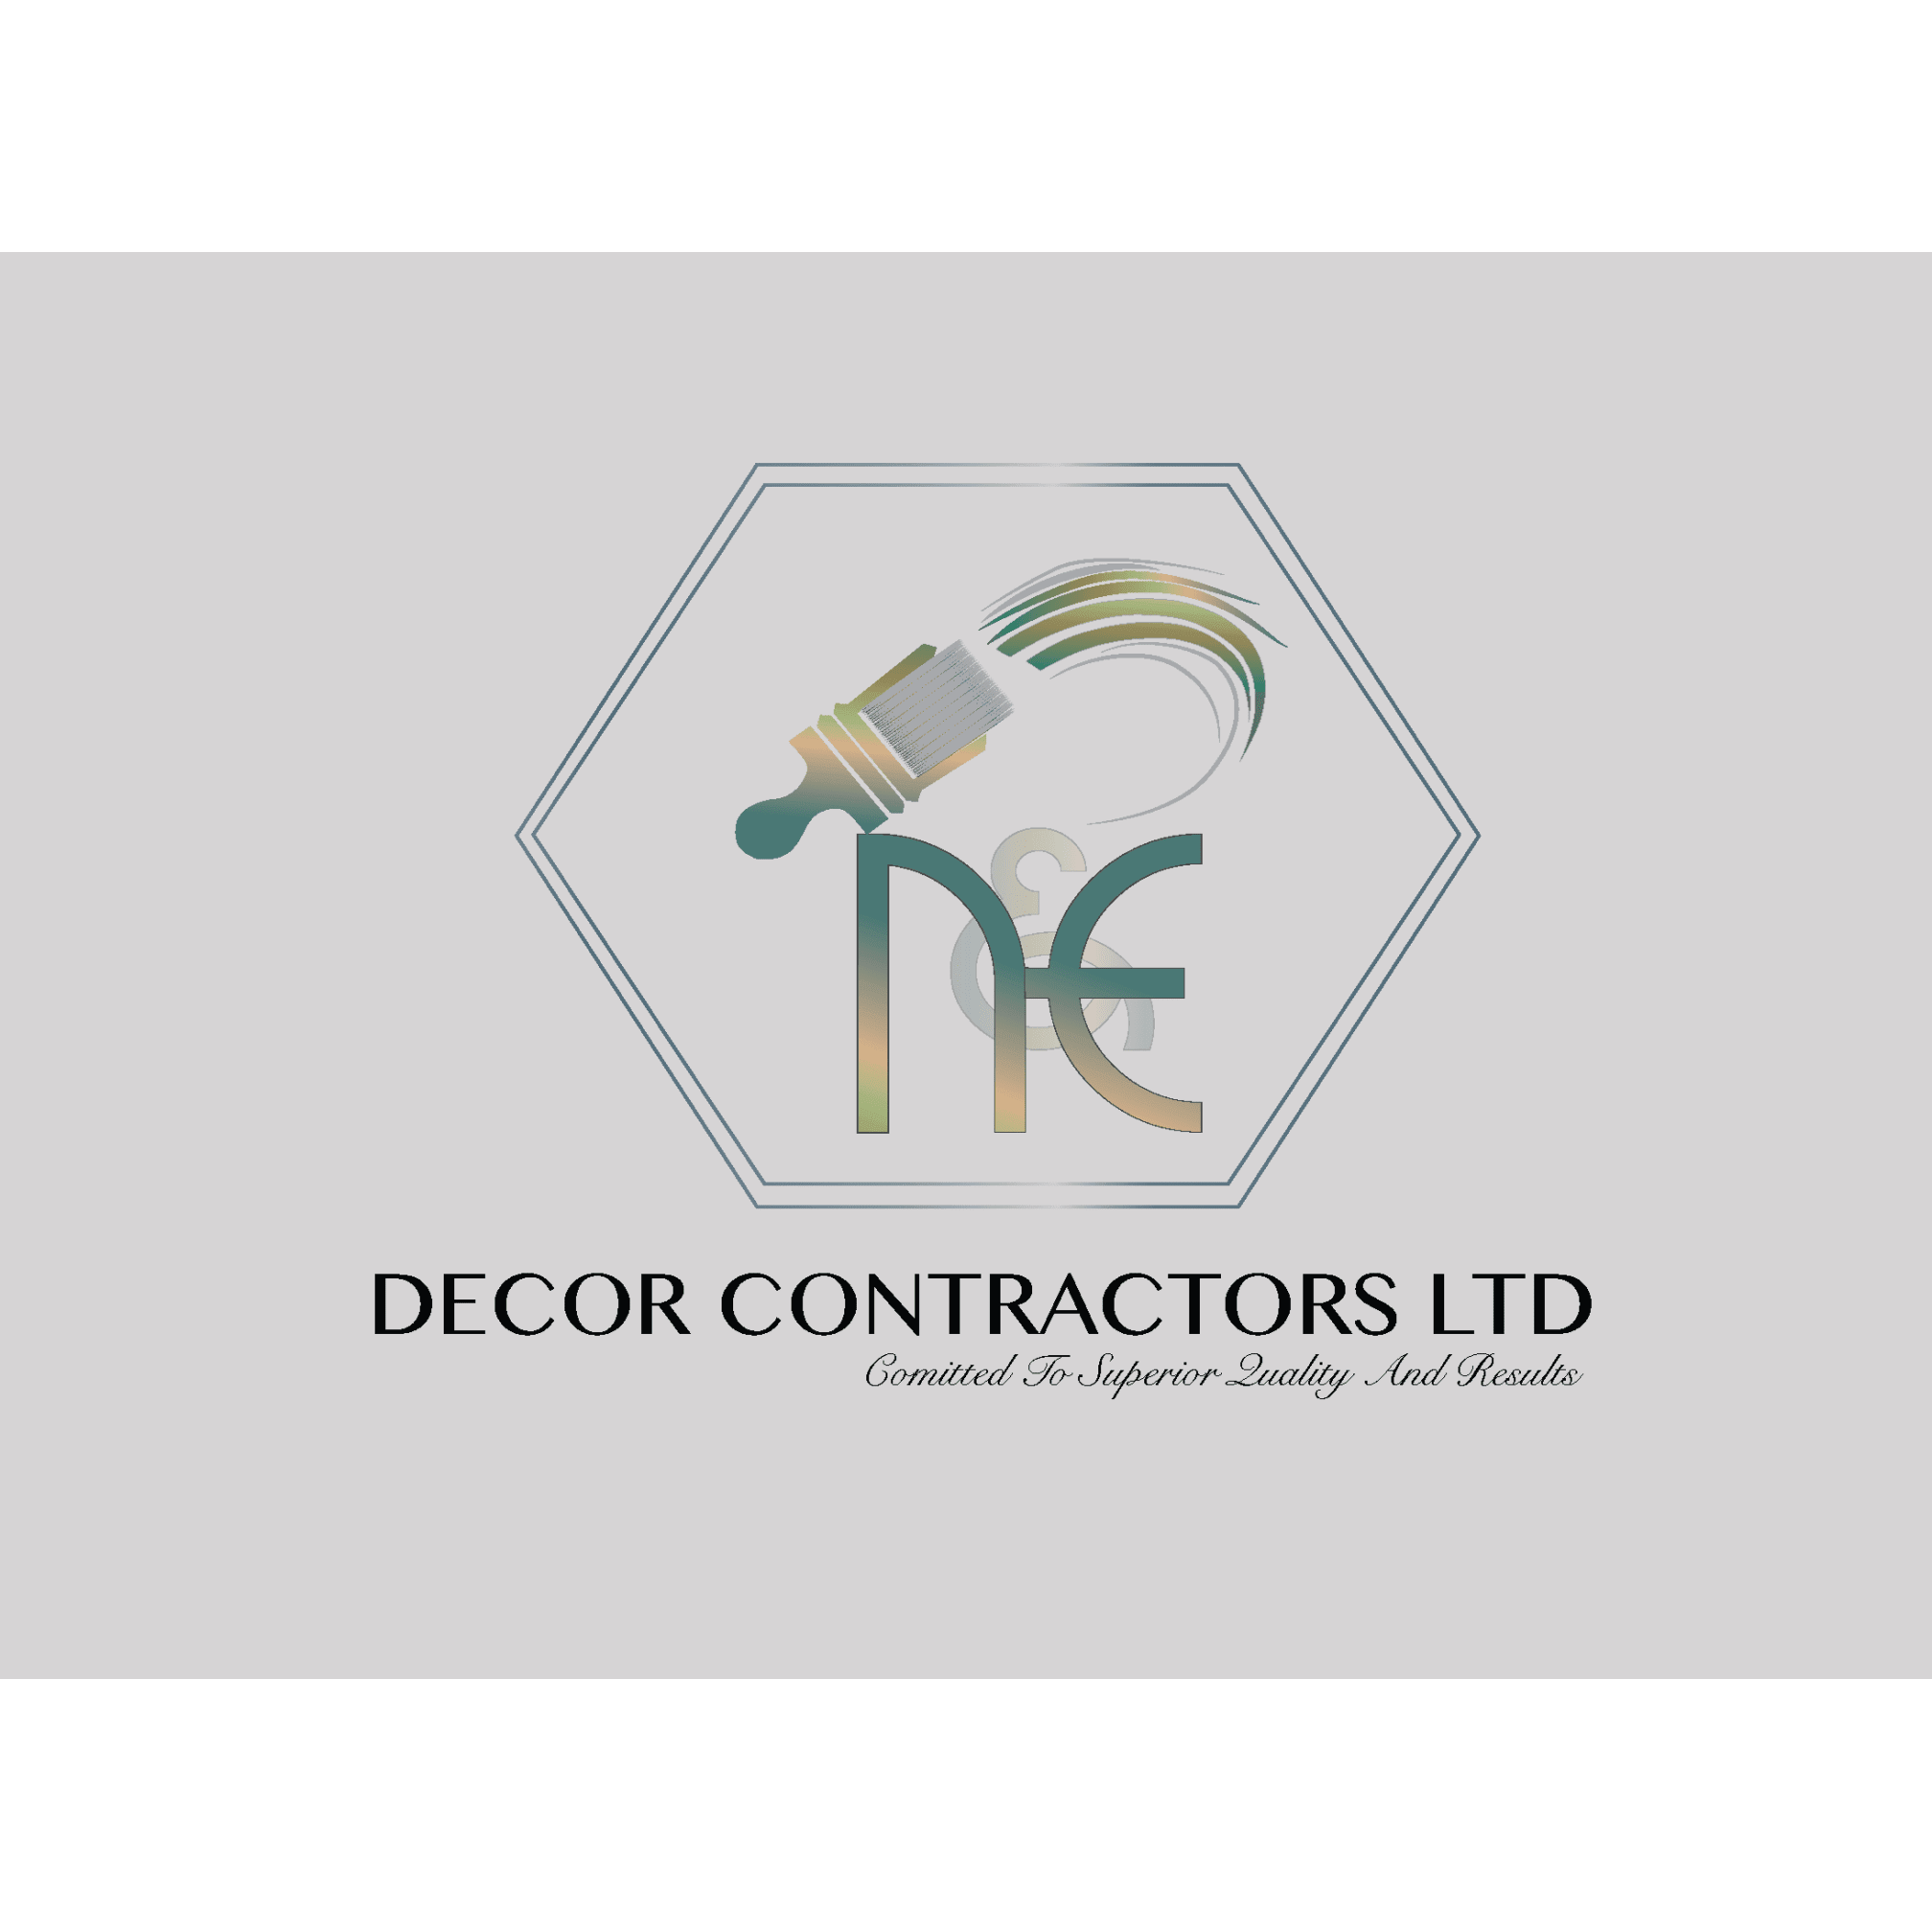 N & E Decor Contractors Ltd